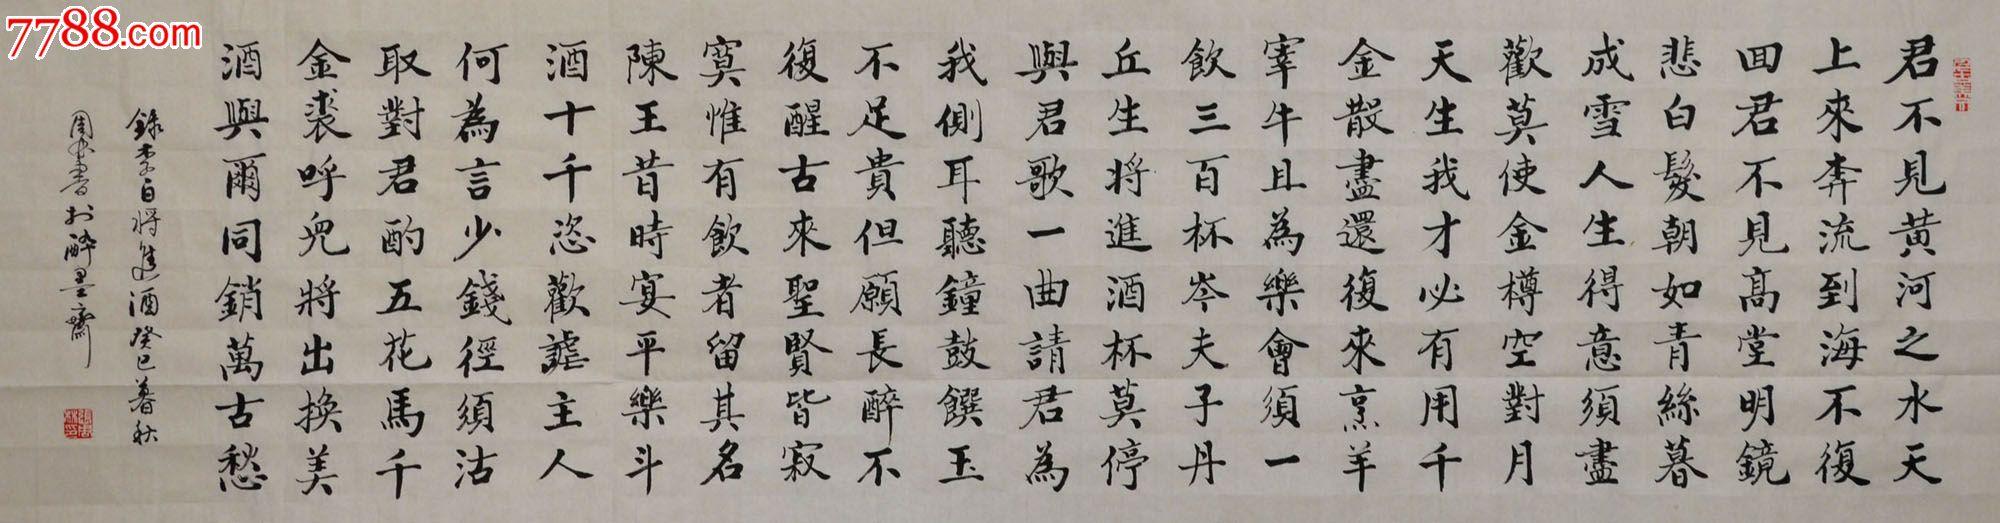 金奖老书法家张周林书法作品定制-楷书.李白.将进酒